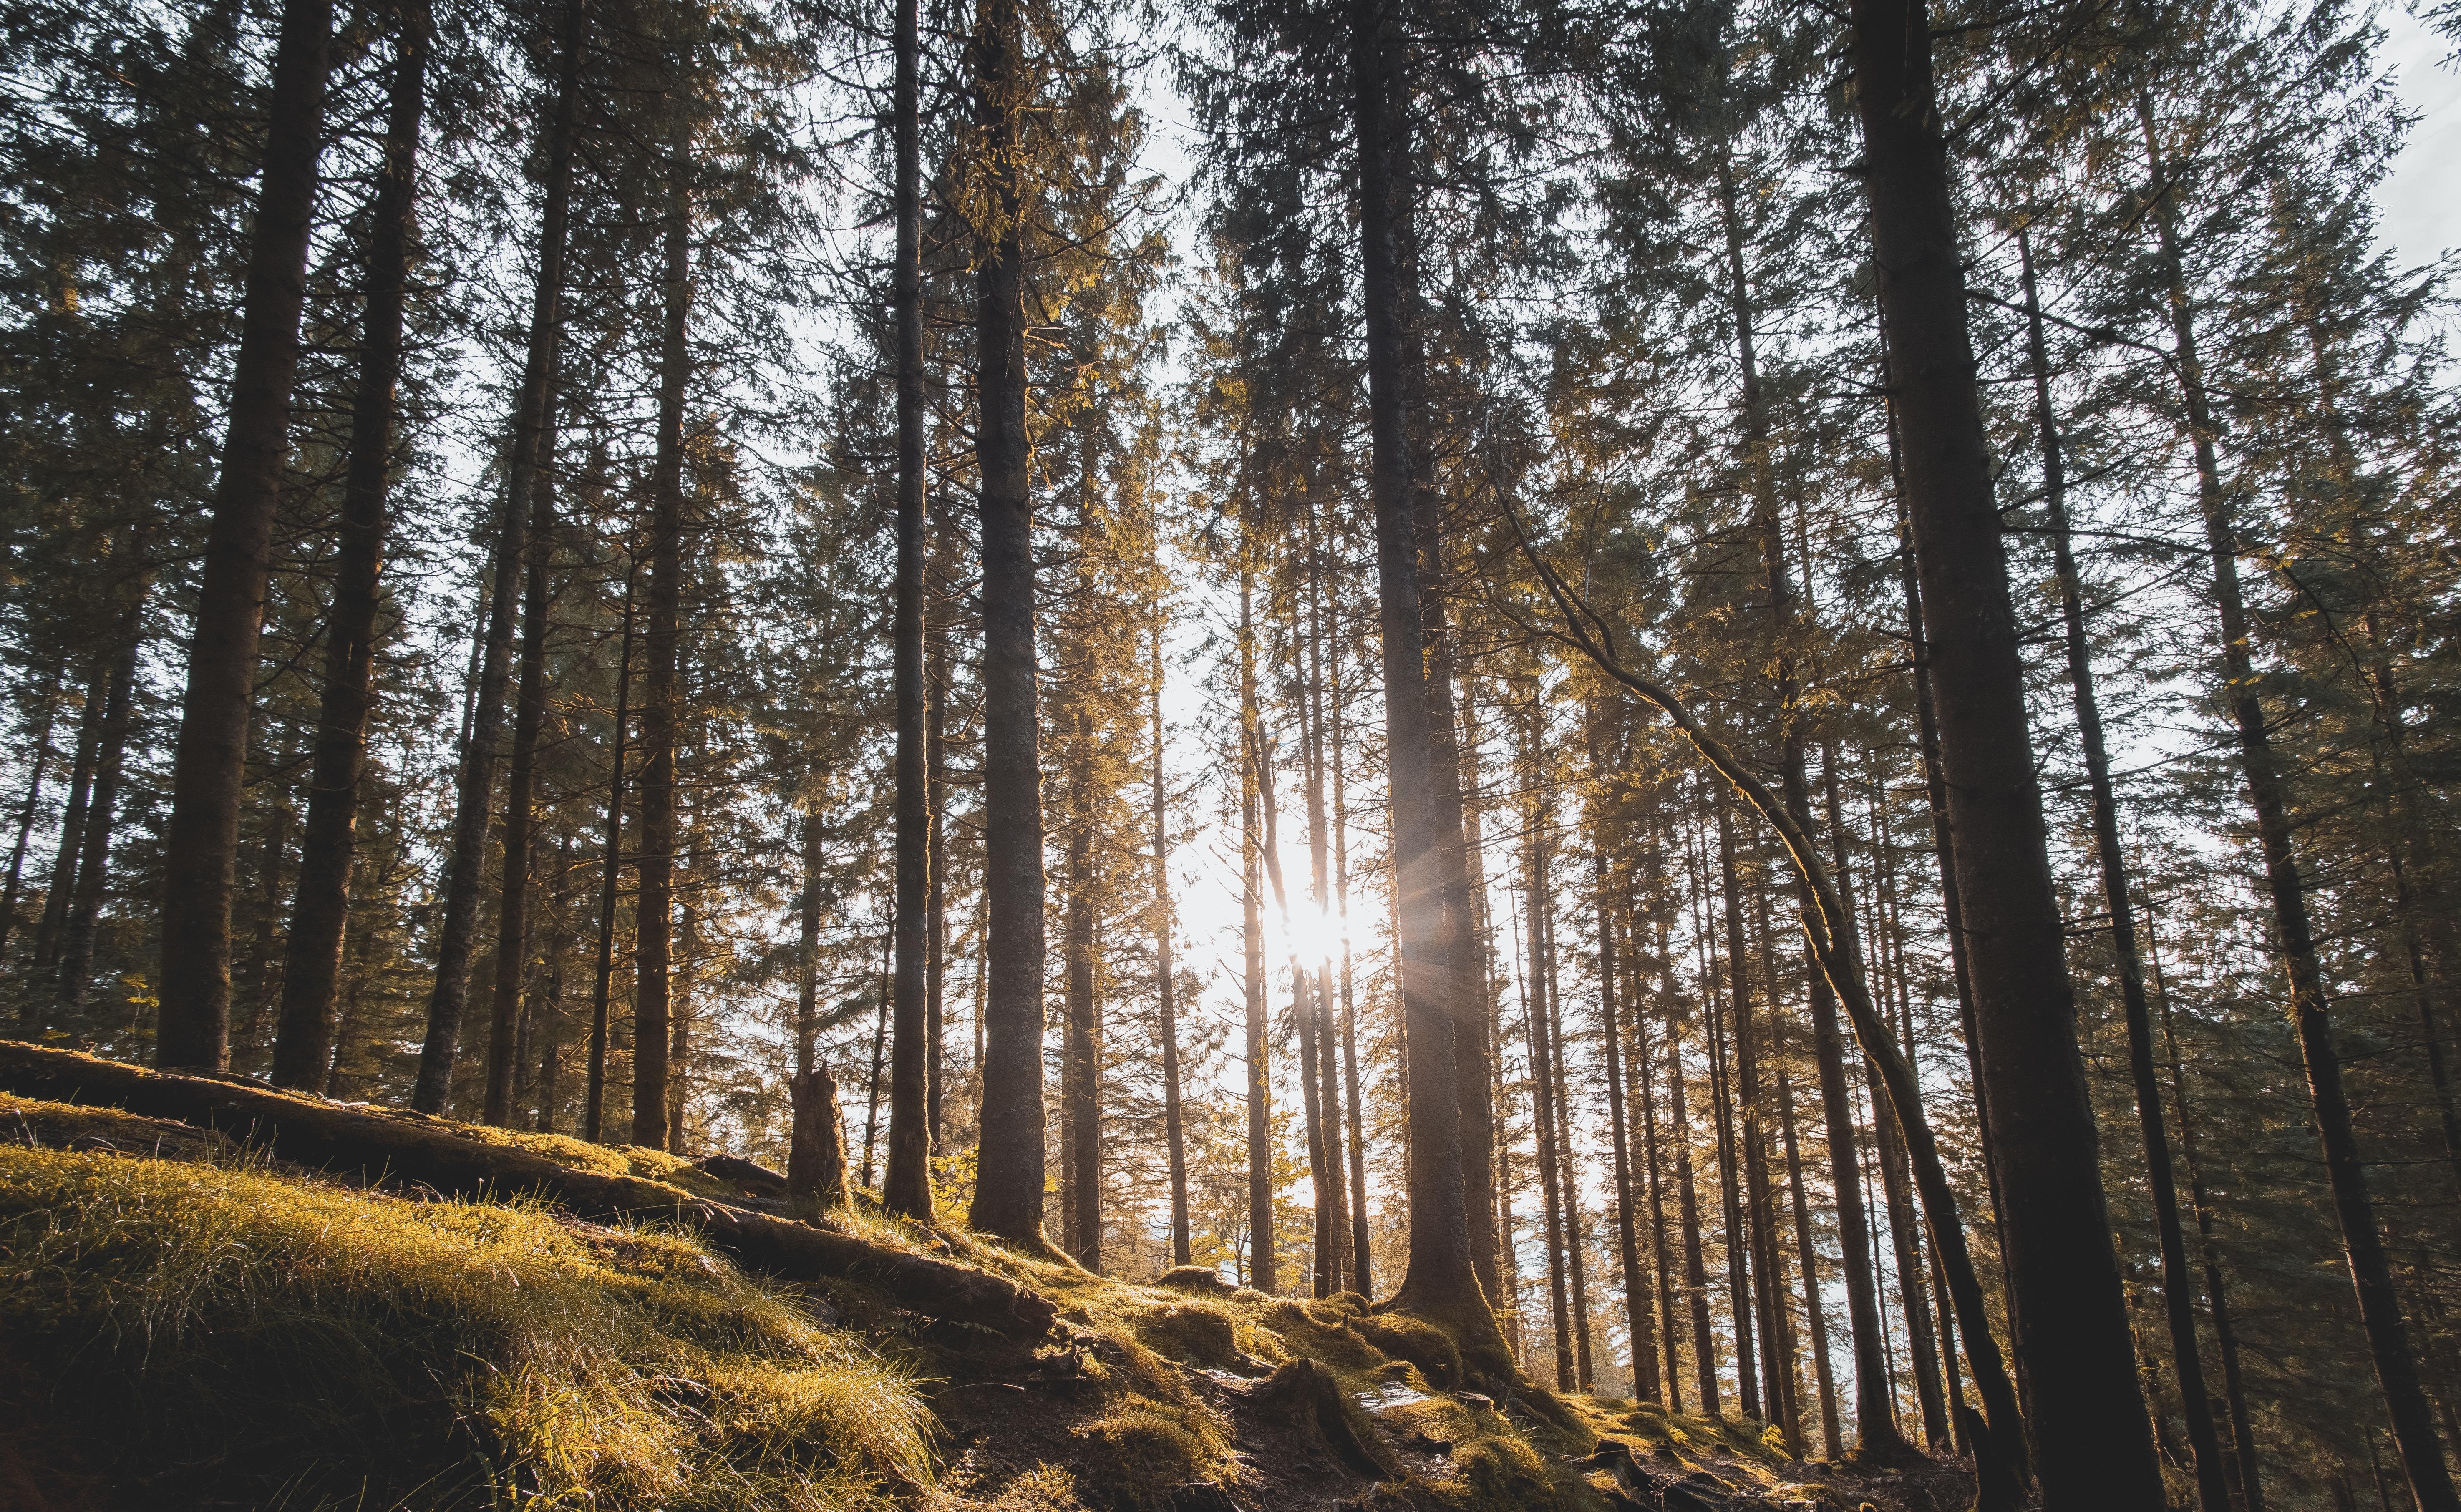 60670 скачать обои Природа, Лес, Деревья, Солнечный Свет, Солнце, Сосны - заставки и картинки бесплатно